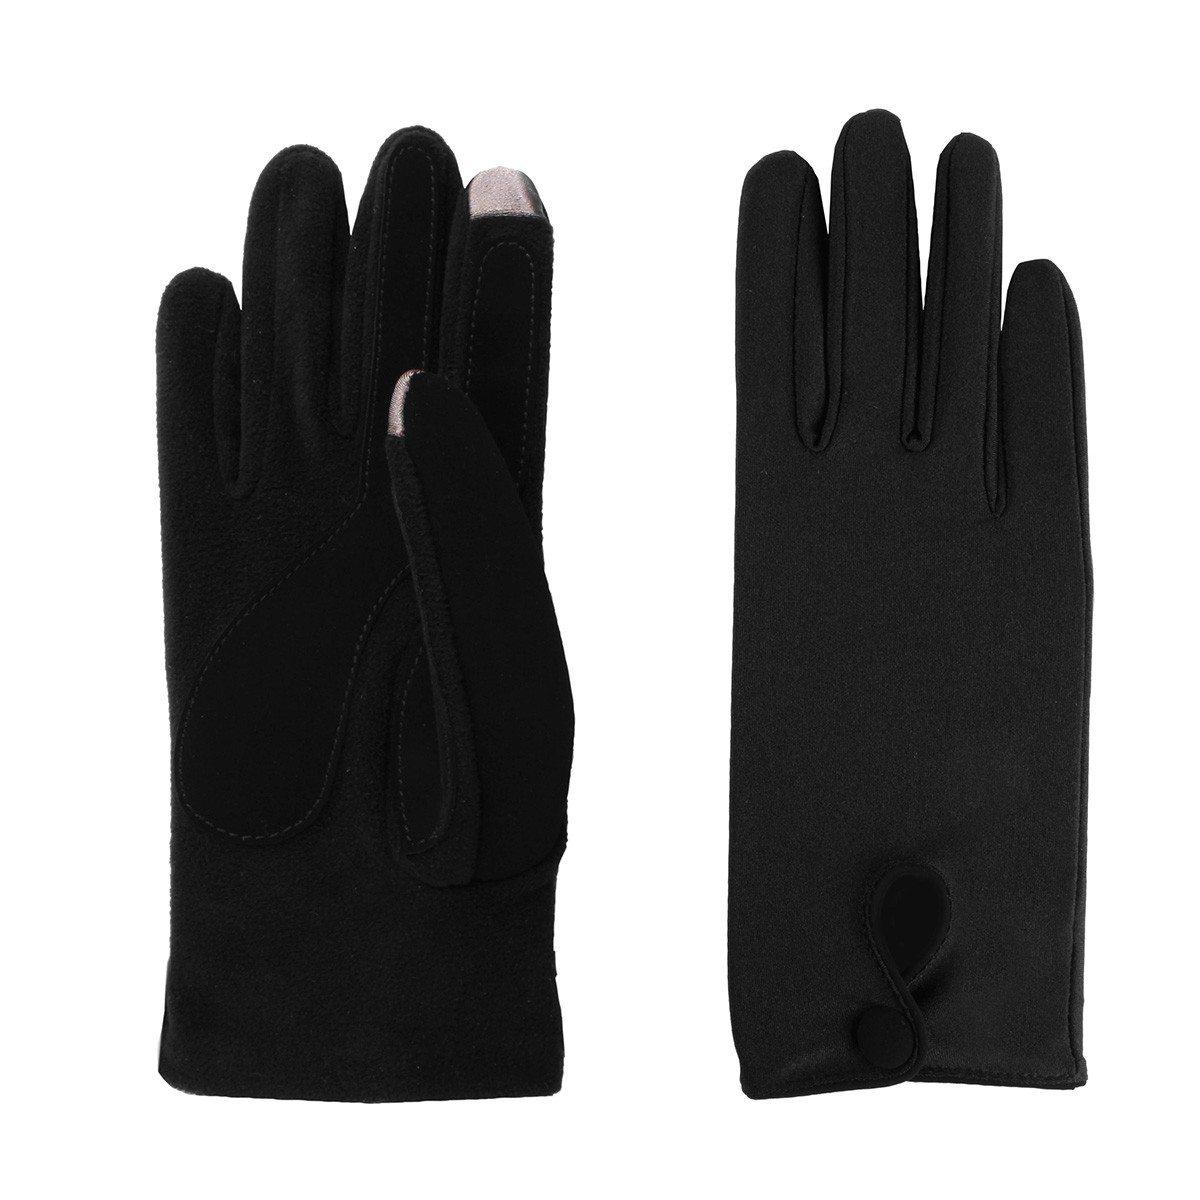 Smartphone handschoenen voor vrouwen